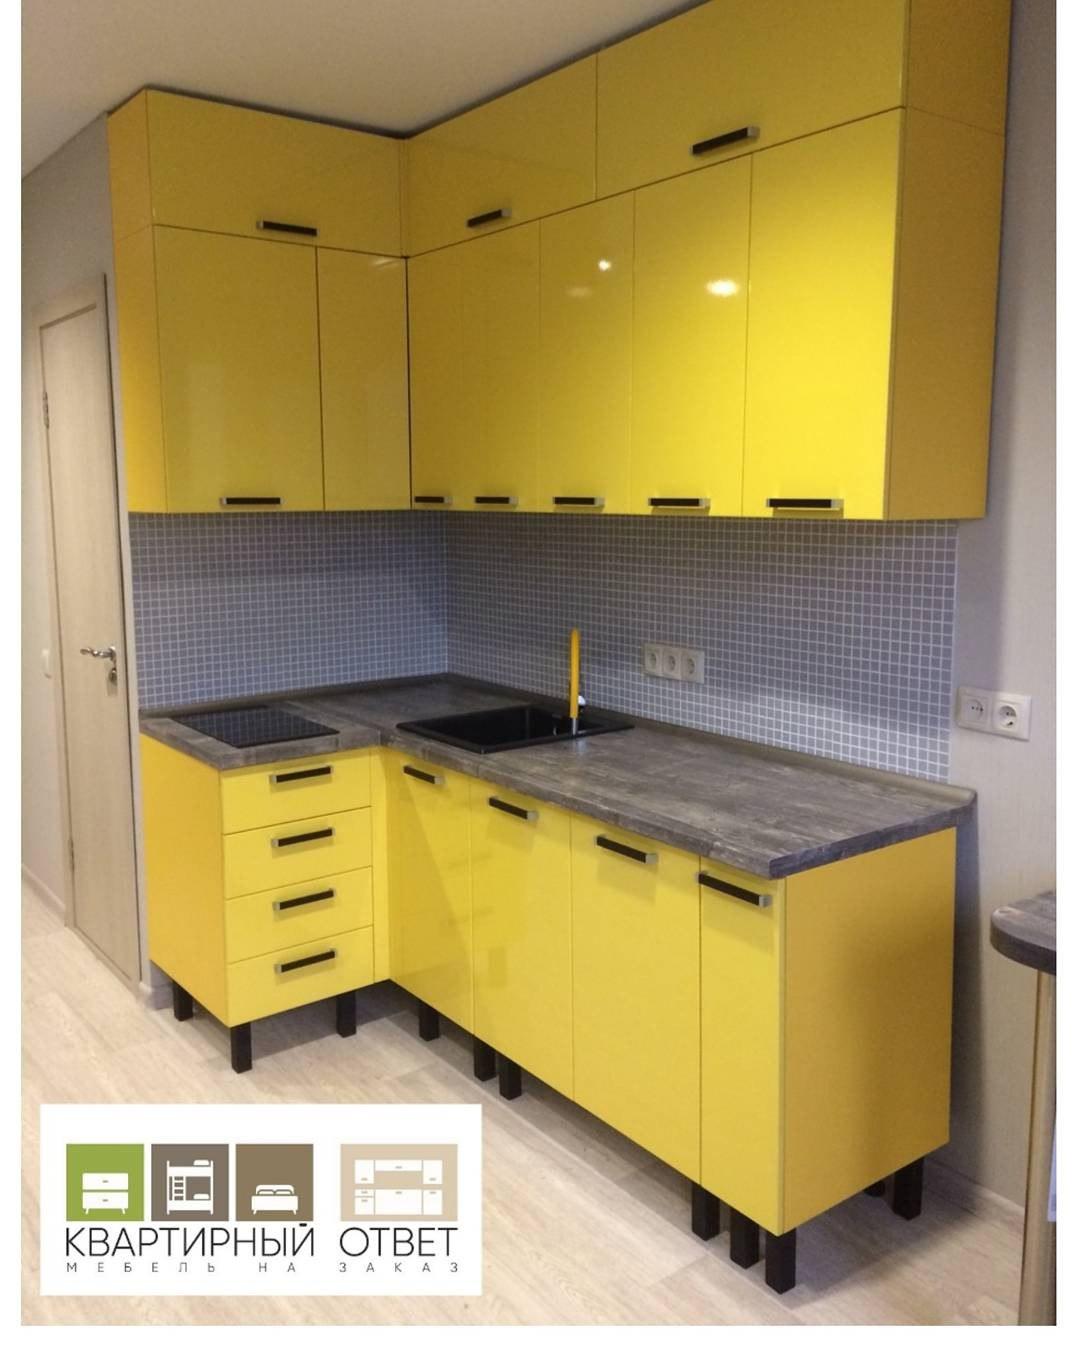 Кухни на заказ в Воронеже. Желтая кухня. Желтая кухня на заказ по индивидуальному проекту.